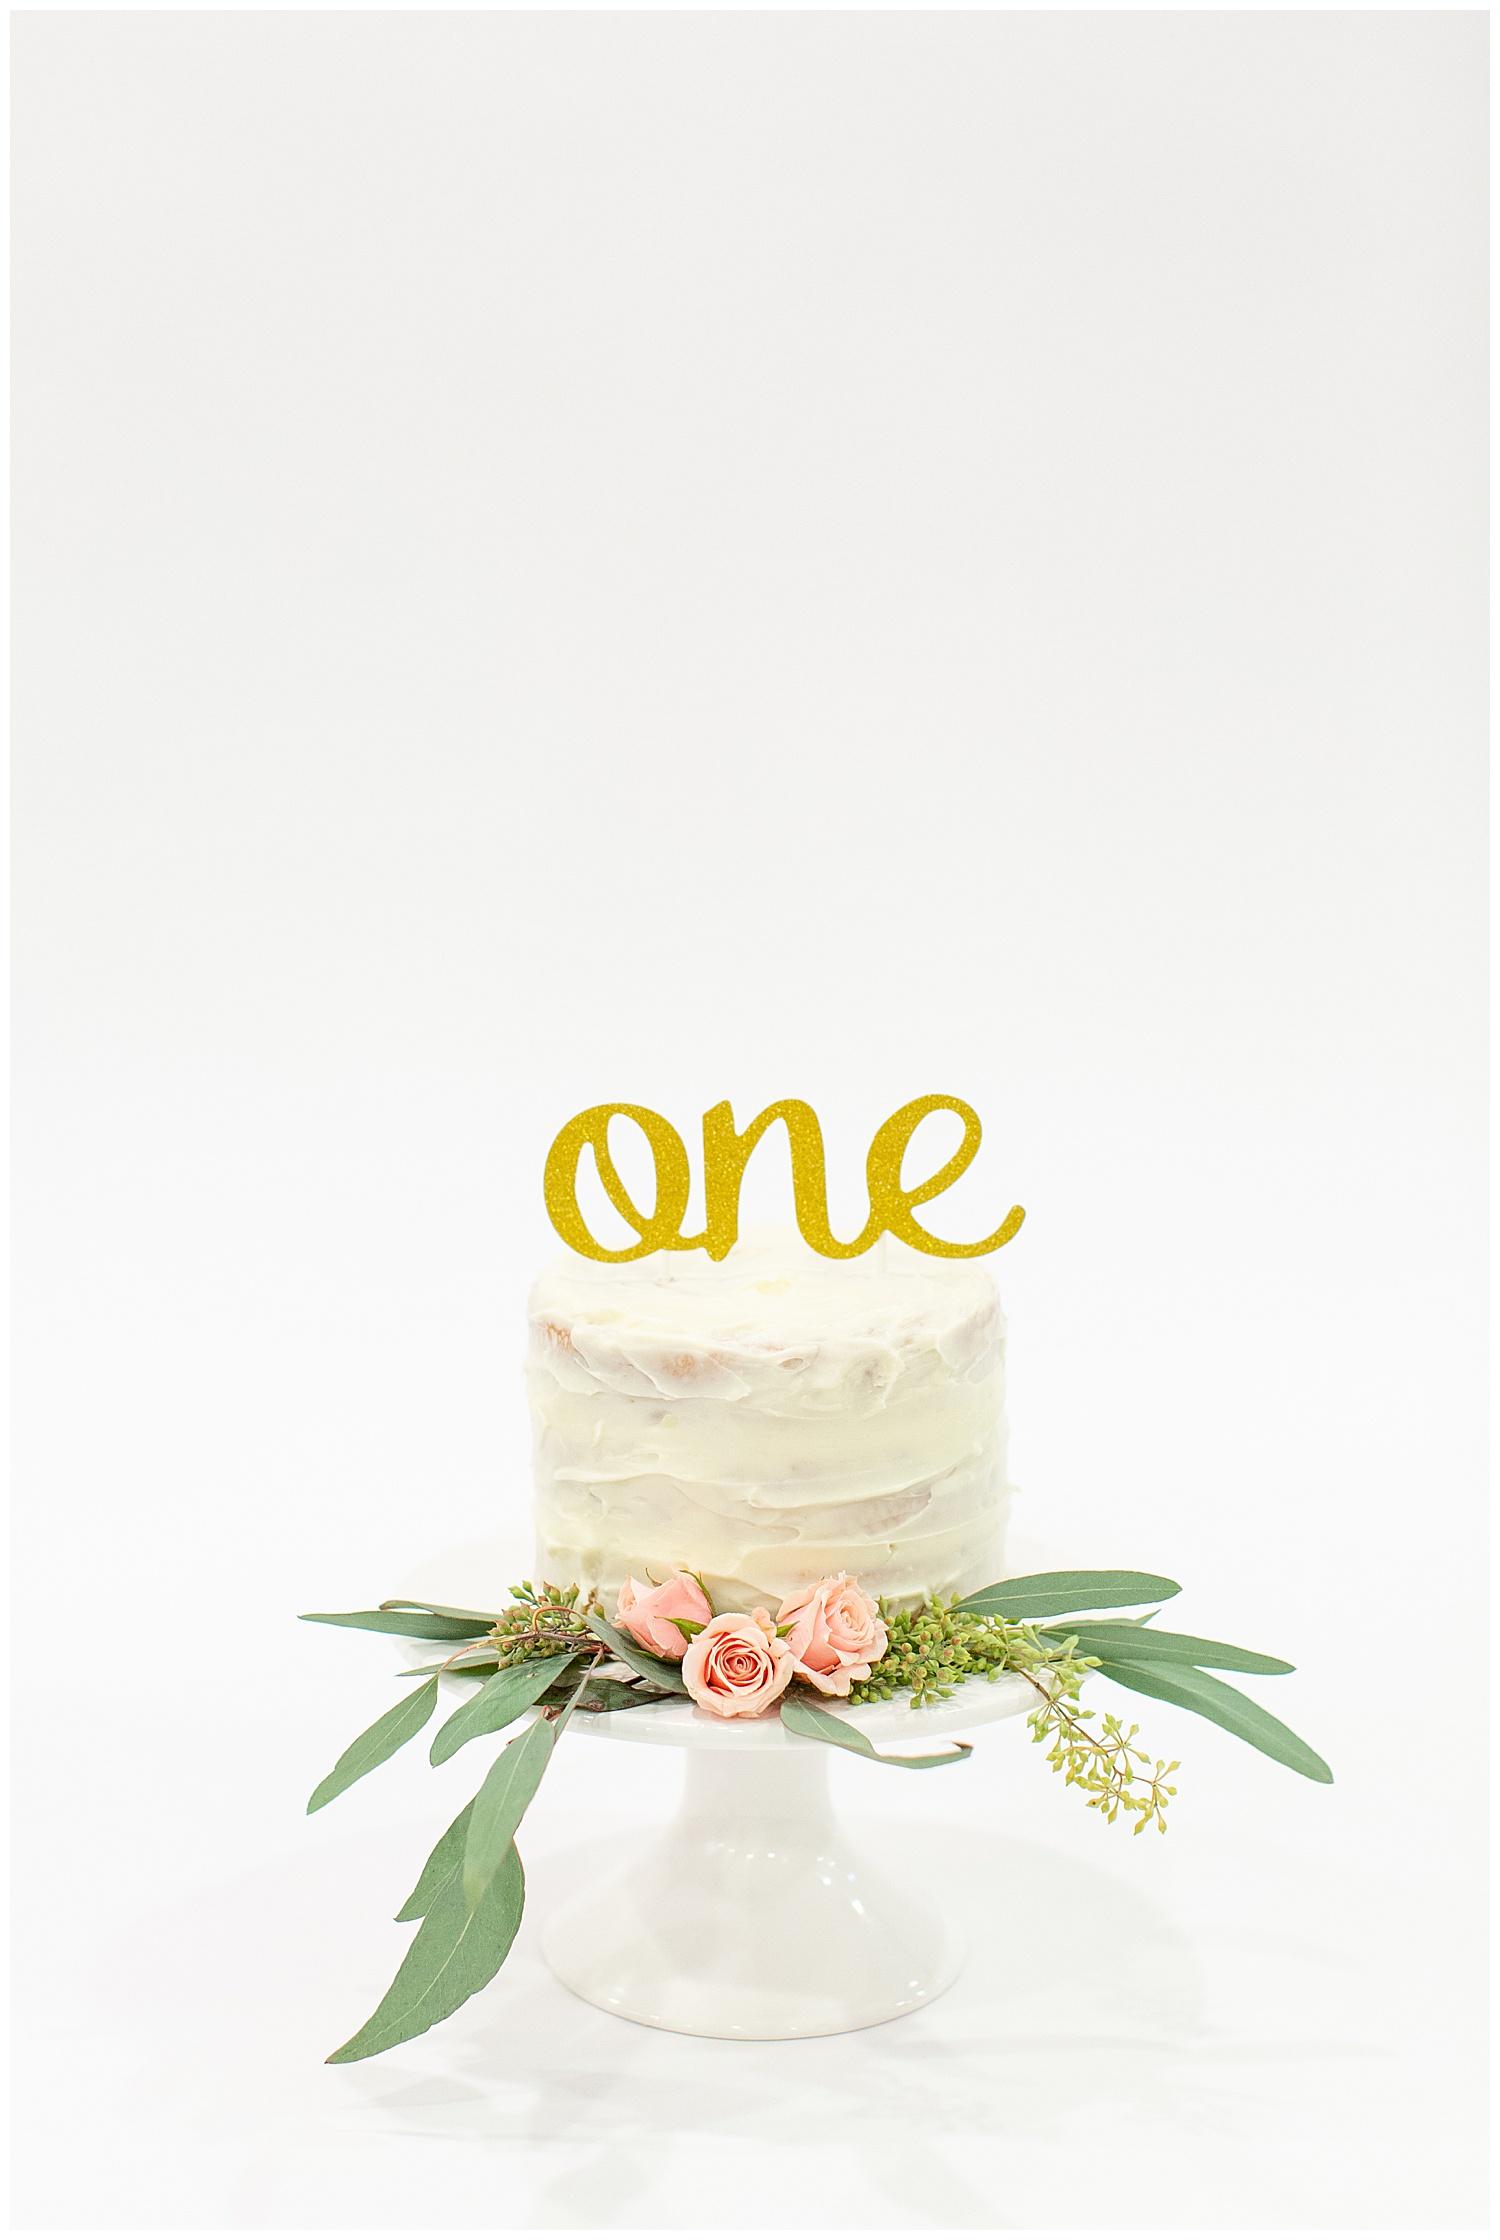 emily-belson-photography-washington-dc-baby-cake-smash-12.jpg